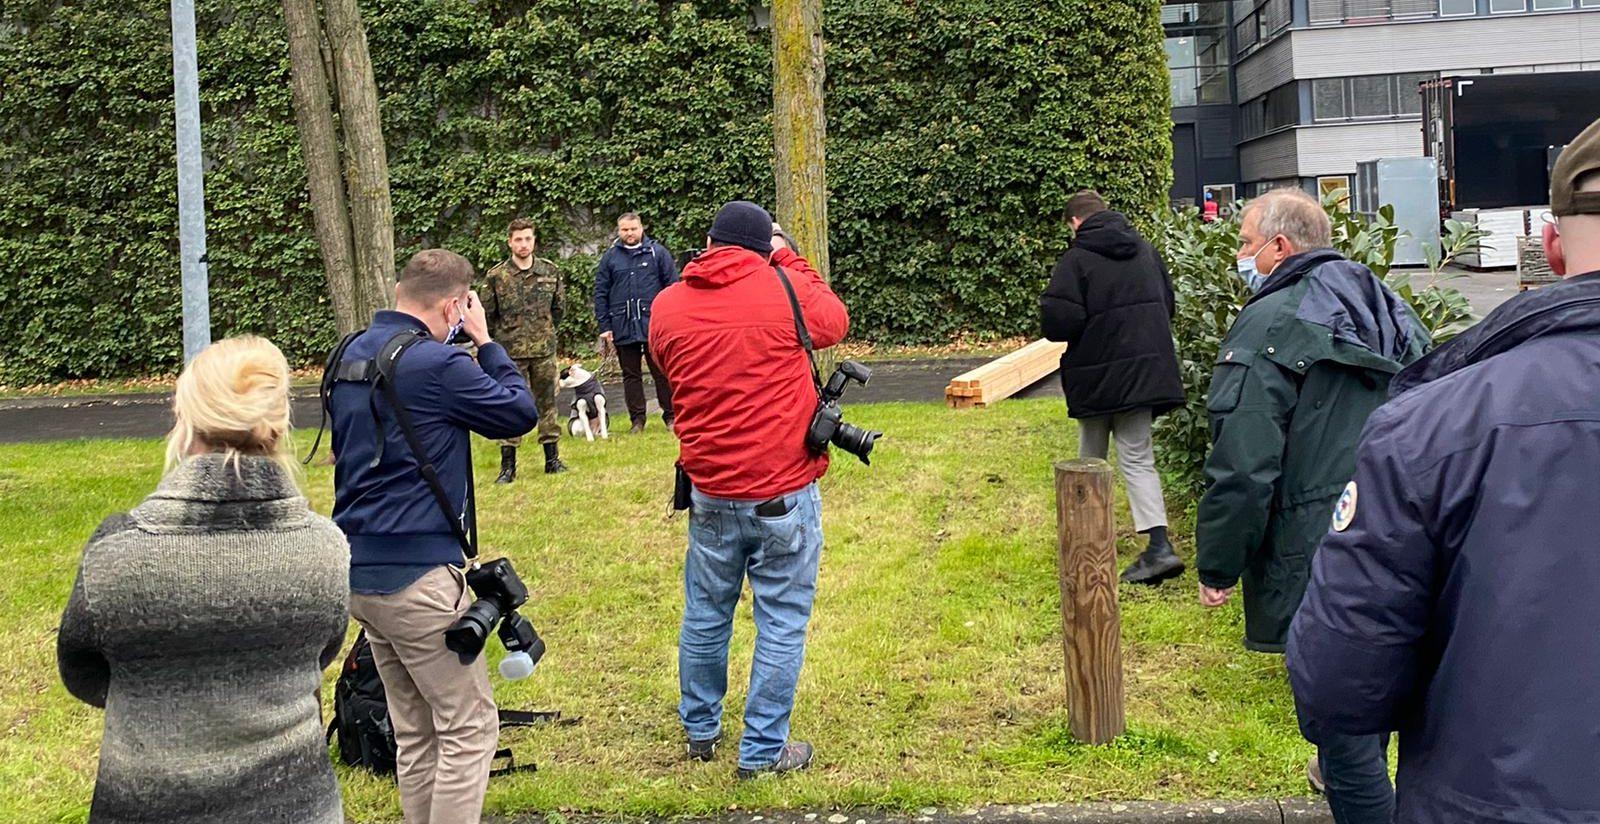 Shooting am Rande des Pressetermins Bild:Sven Günther